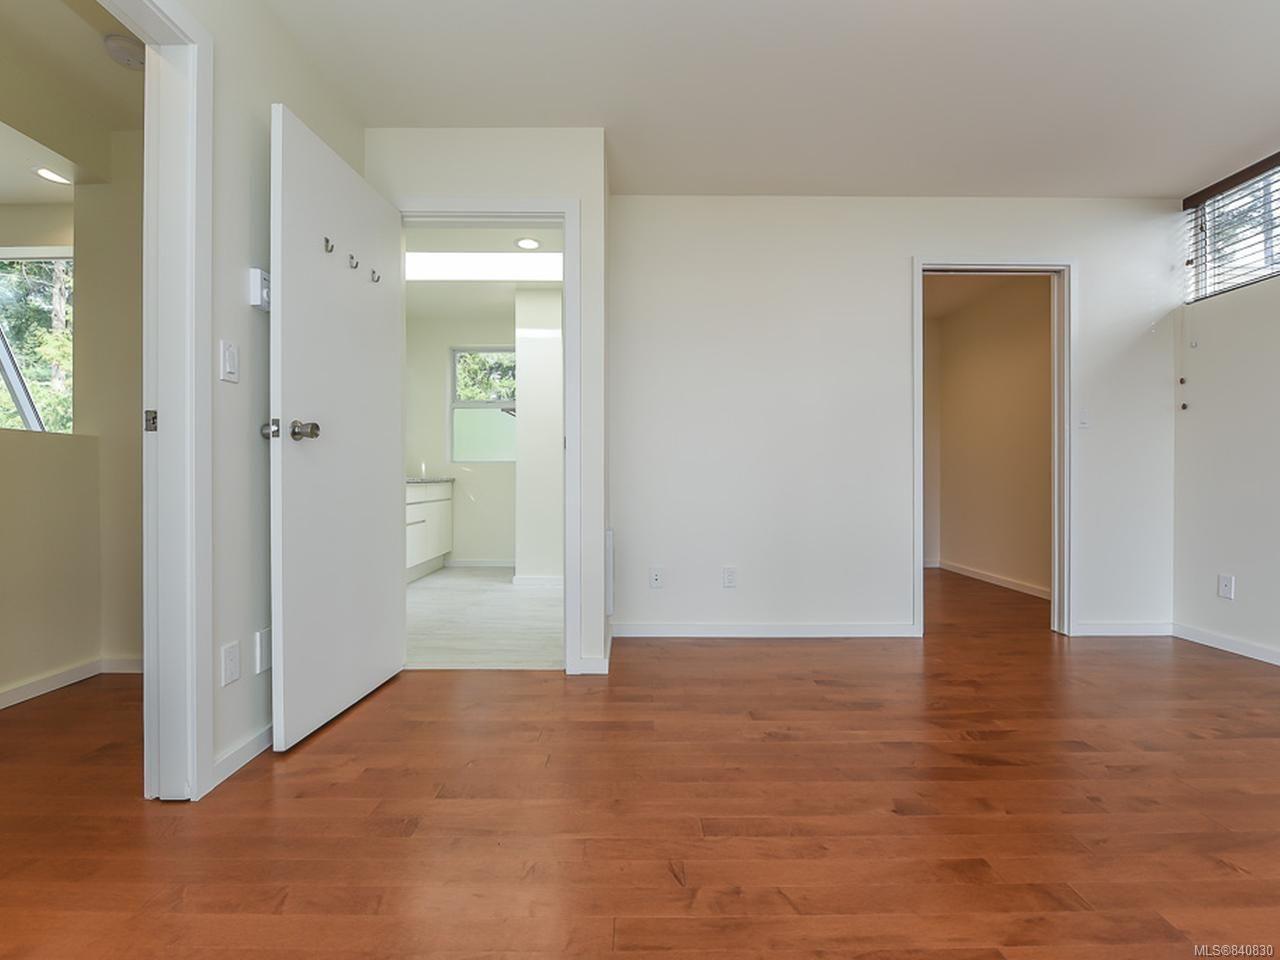 Photo 27: Photos: 1156 Moore Rd in COMOX: CV Comox Peninsula House for sale (Comox Valley)  : MLS®# 840830